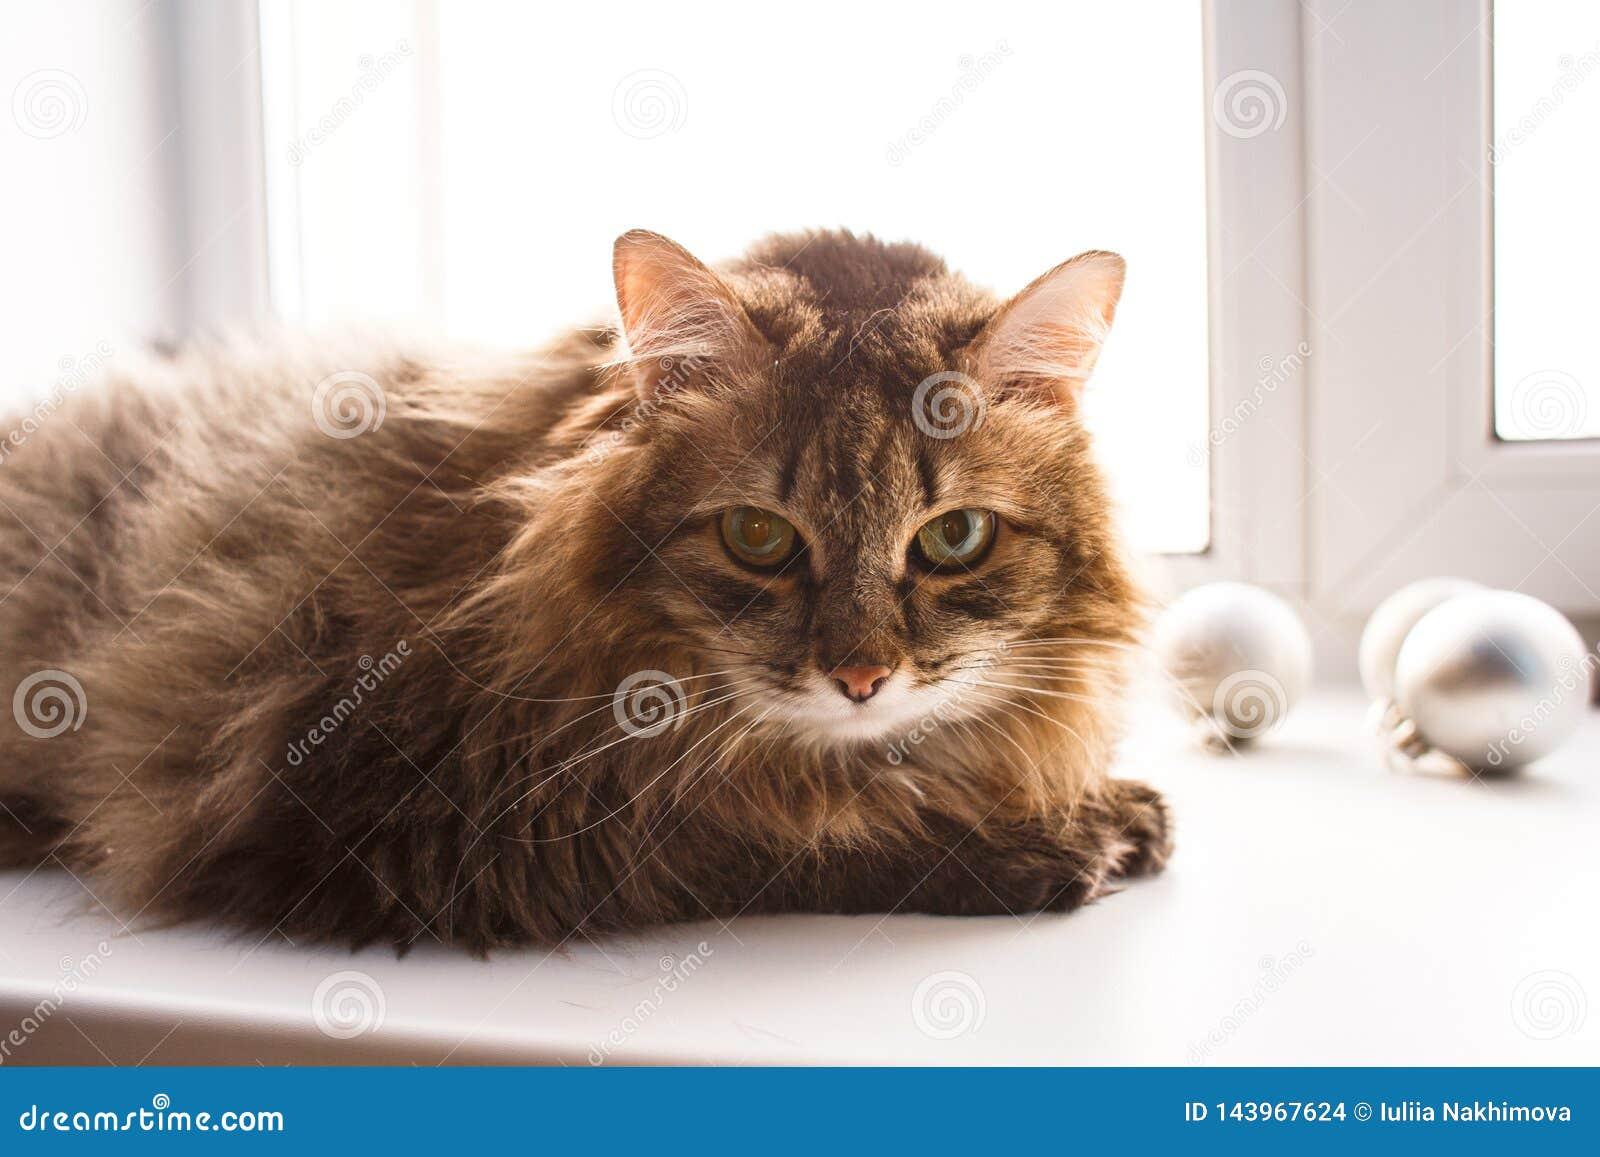 Gato marrom desgrenhado